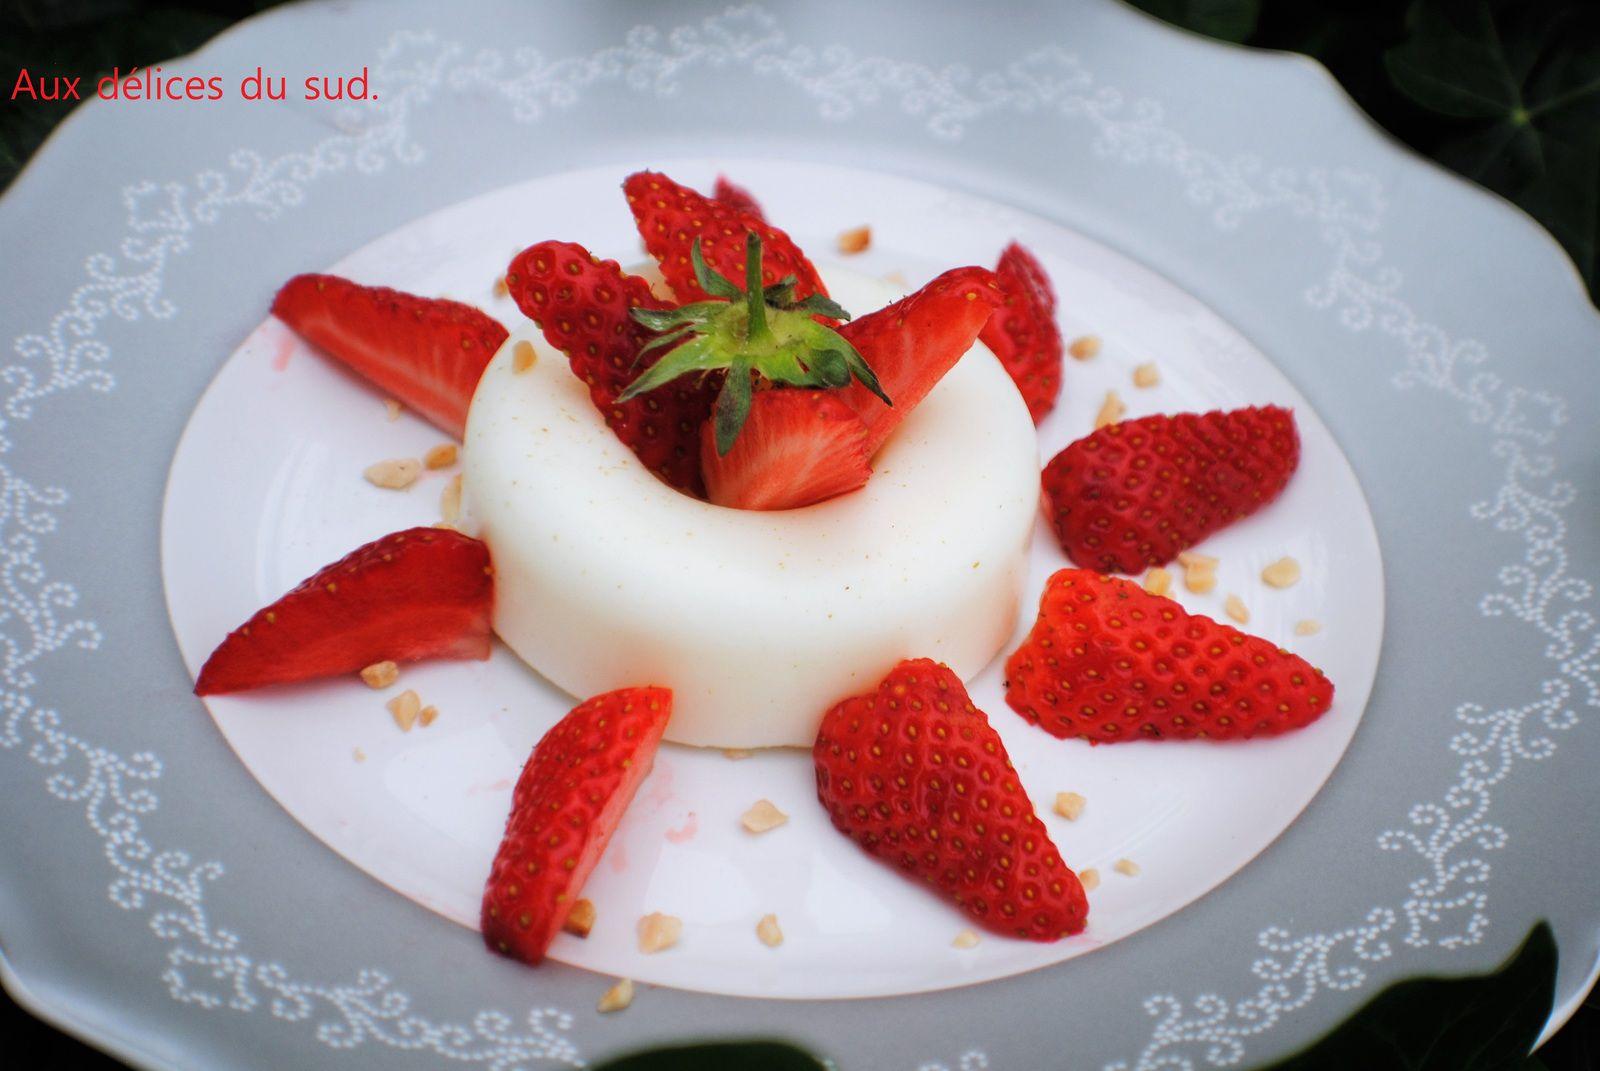 Blanc -manger à la vanille et aux fraises .